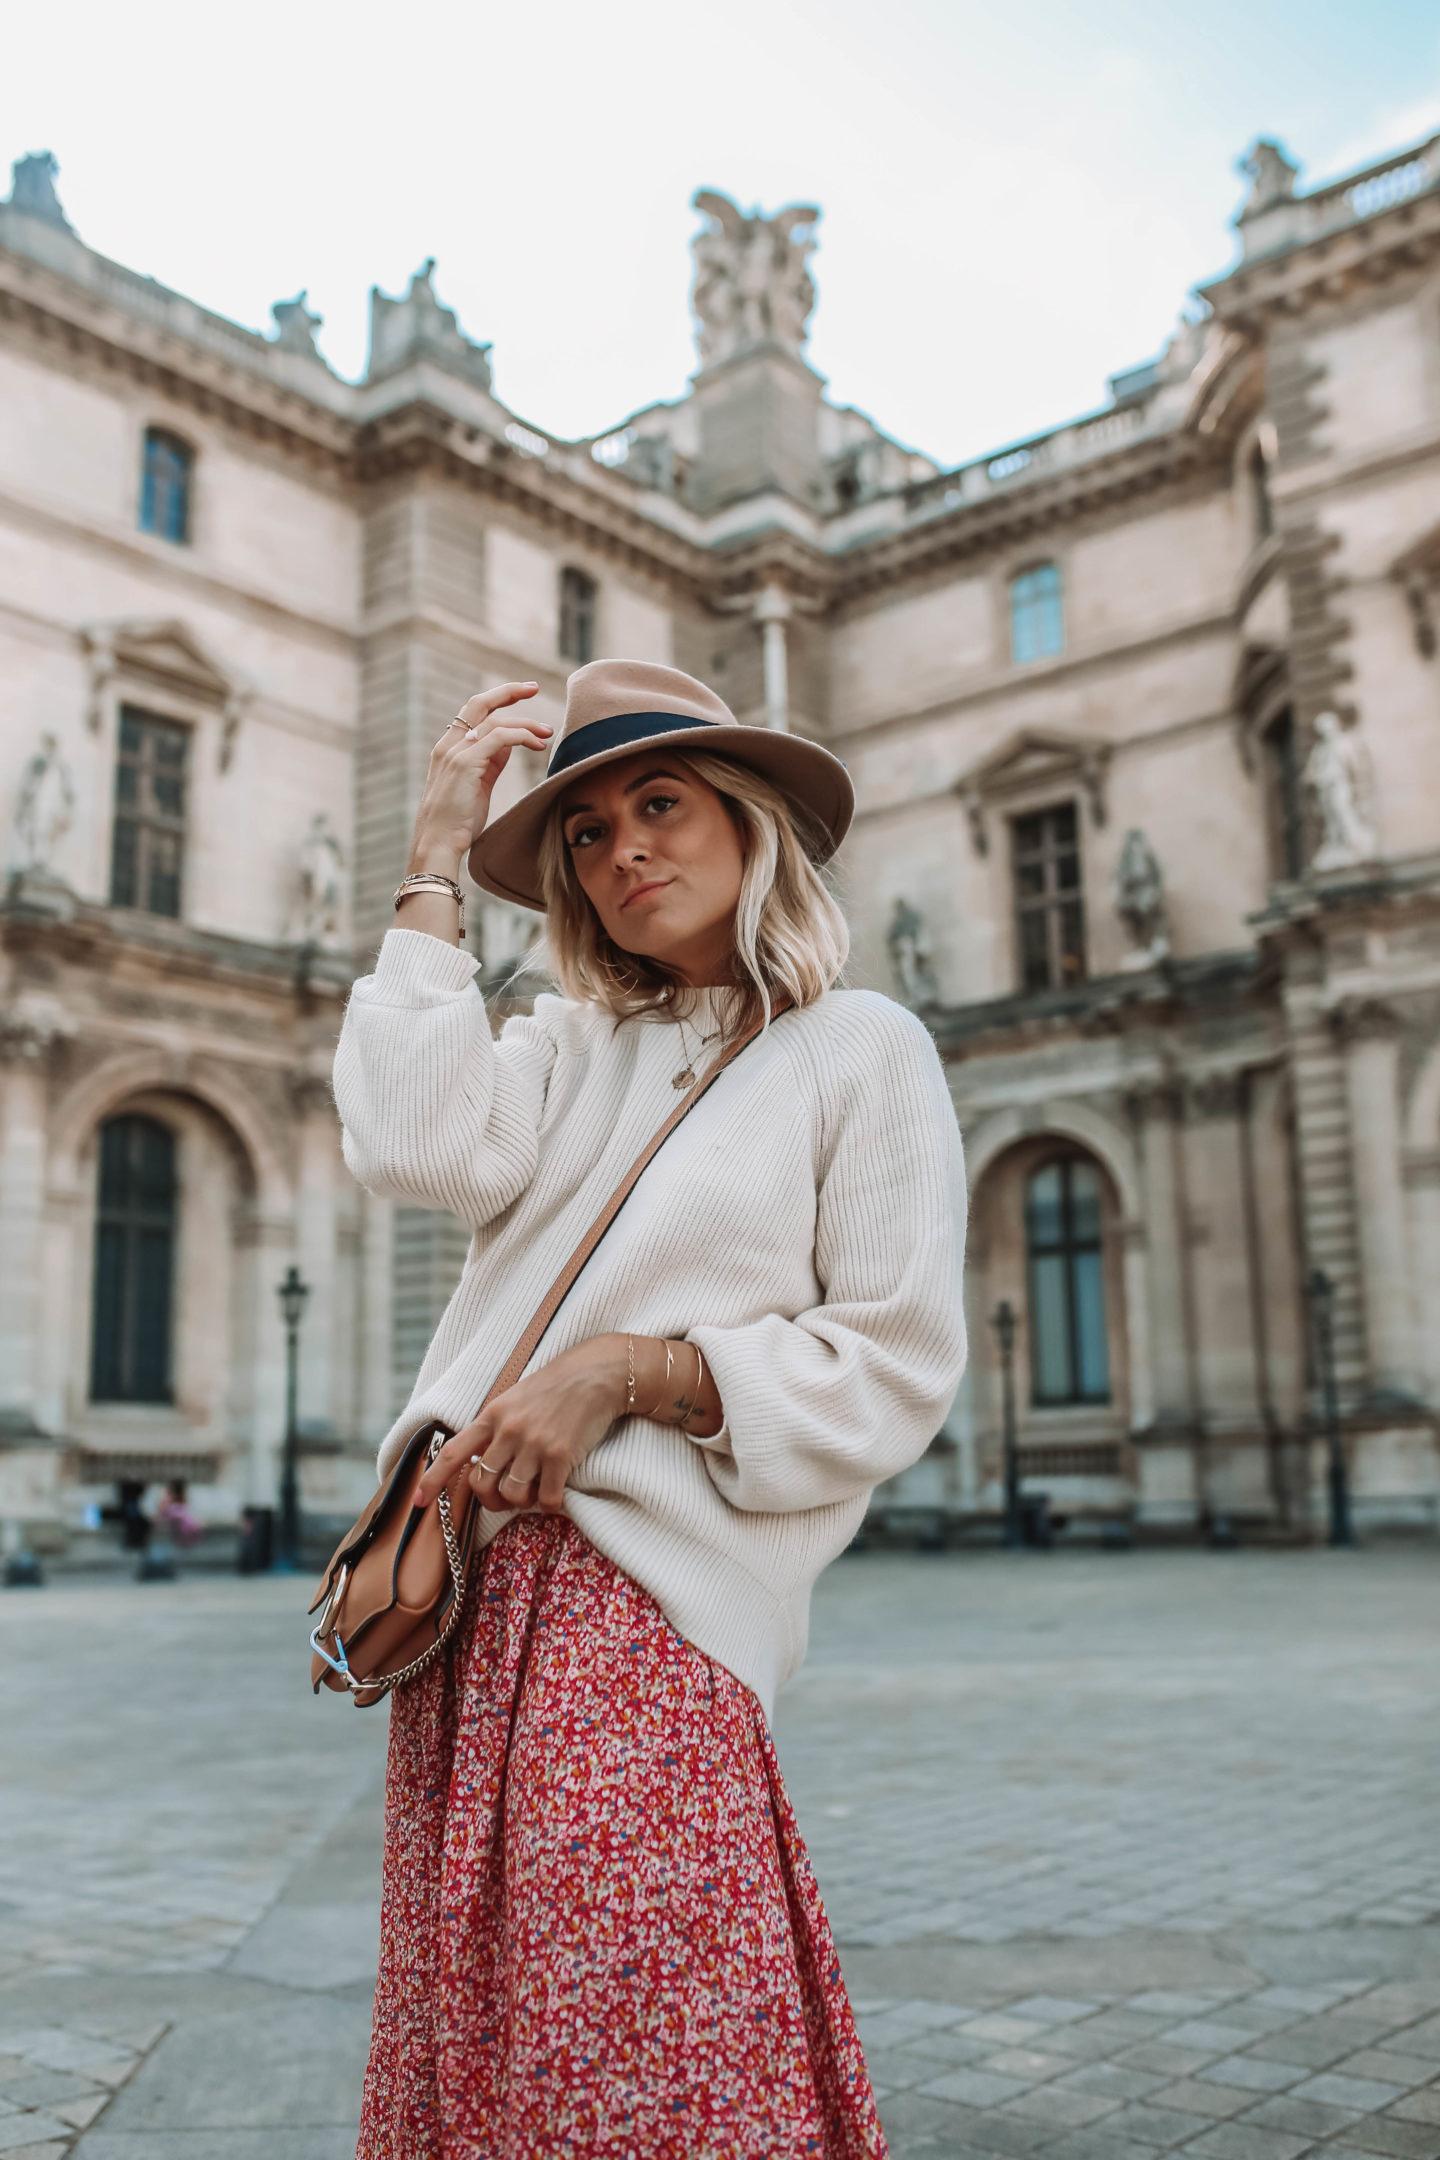 Chapeau Asos - Blondie Baby blog mode Paris et voyages